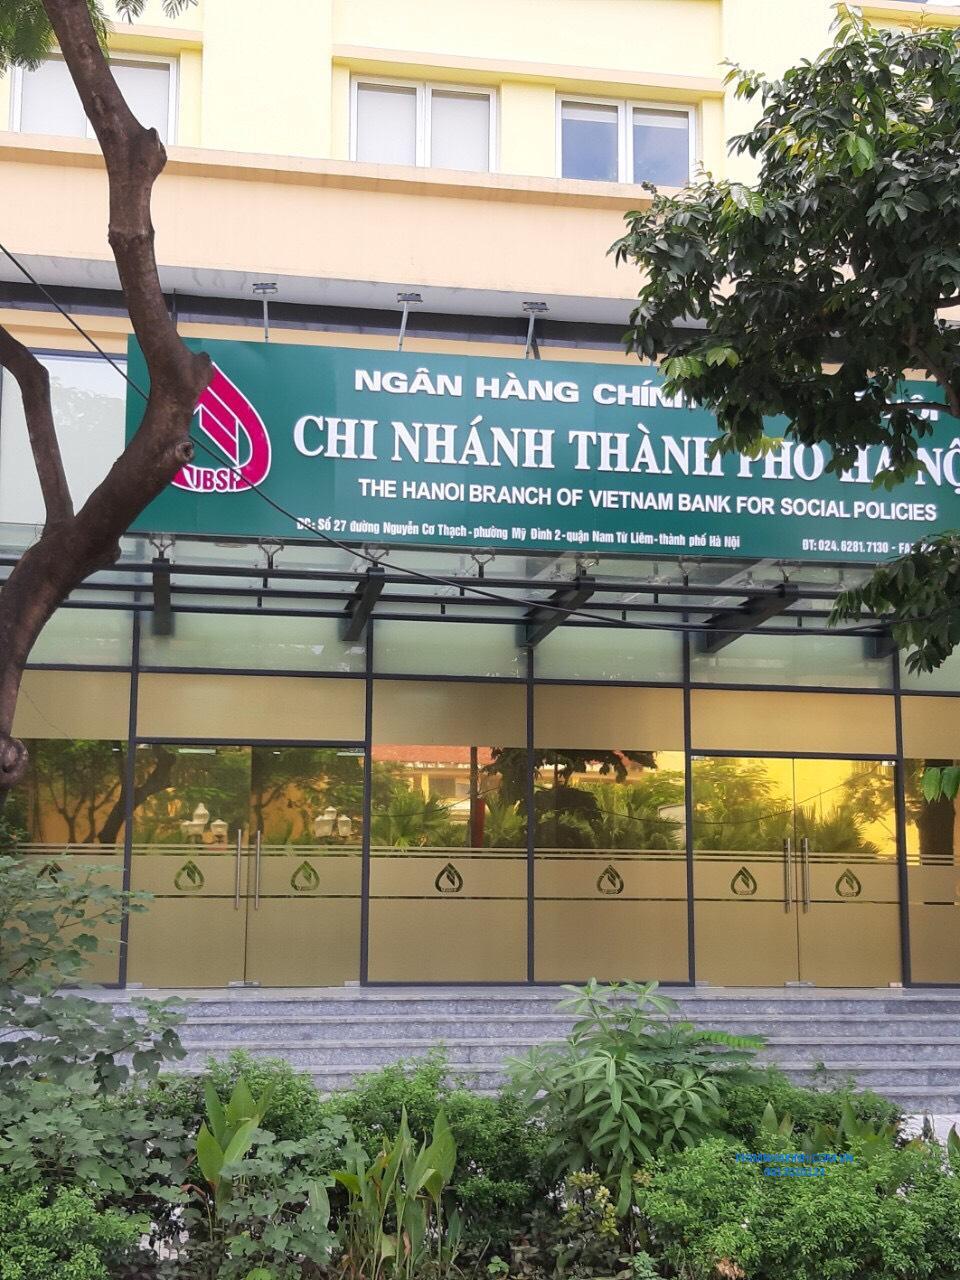 Thi công phim chống nắng cho Ngân hàng chính sách CN Mỹ Đình, Hà Nội